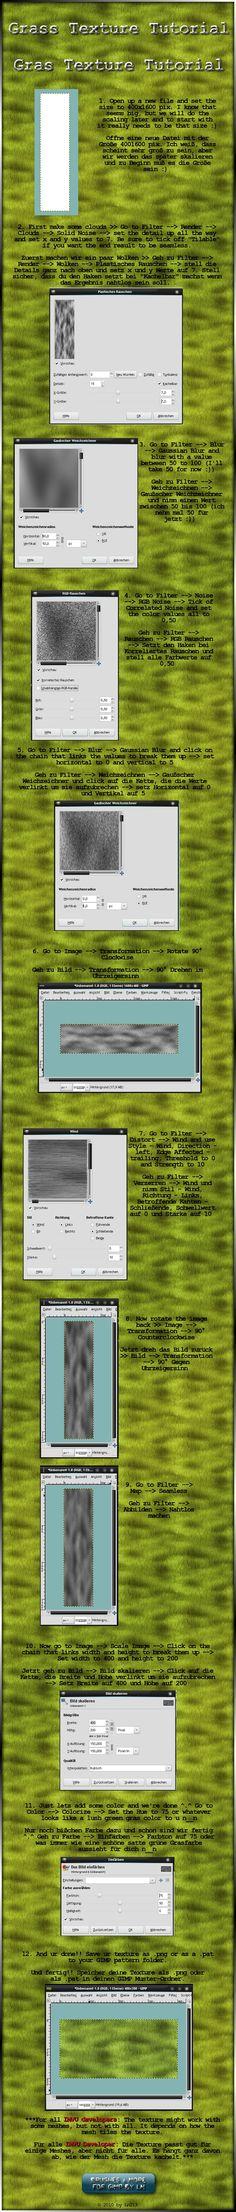 http://www.deviantart.com/art/GIMP-Grass-Texture-Tutorial-185264511